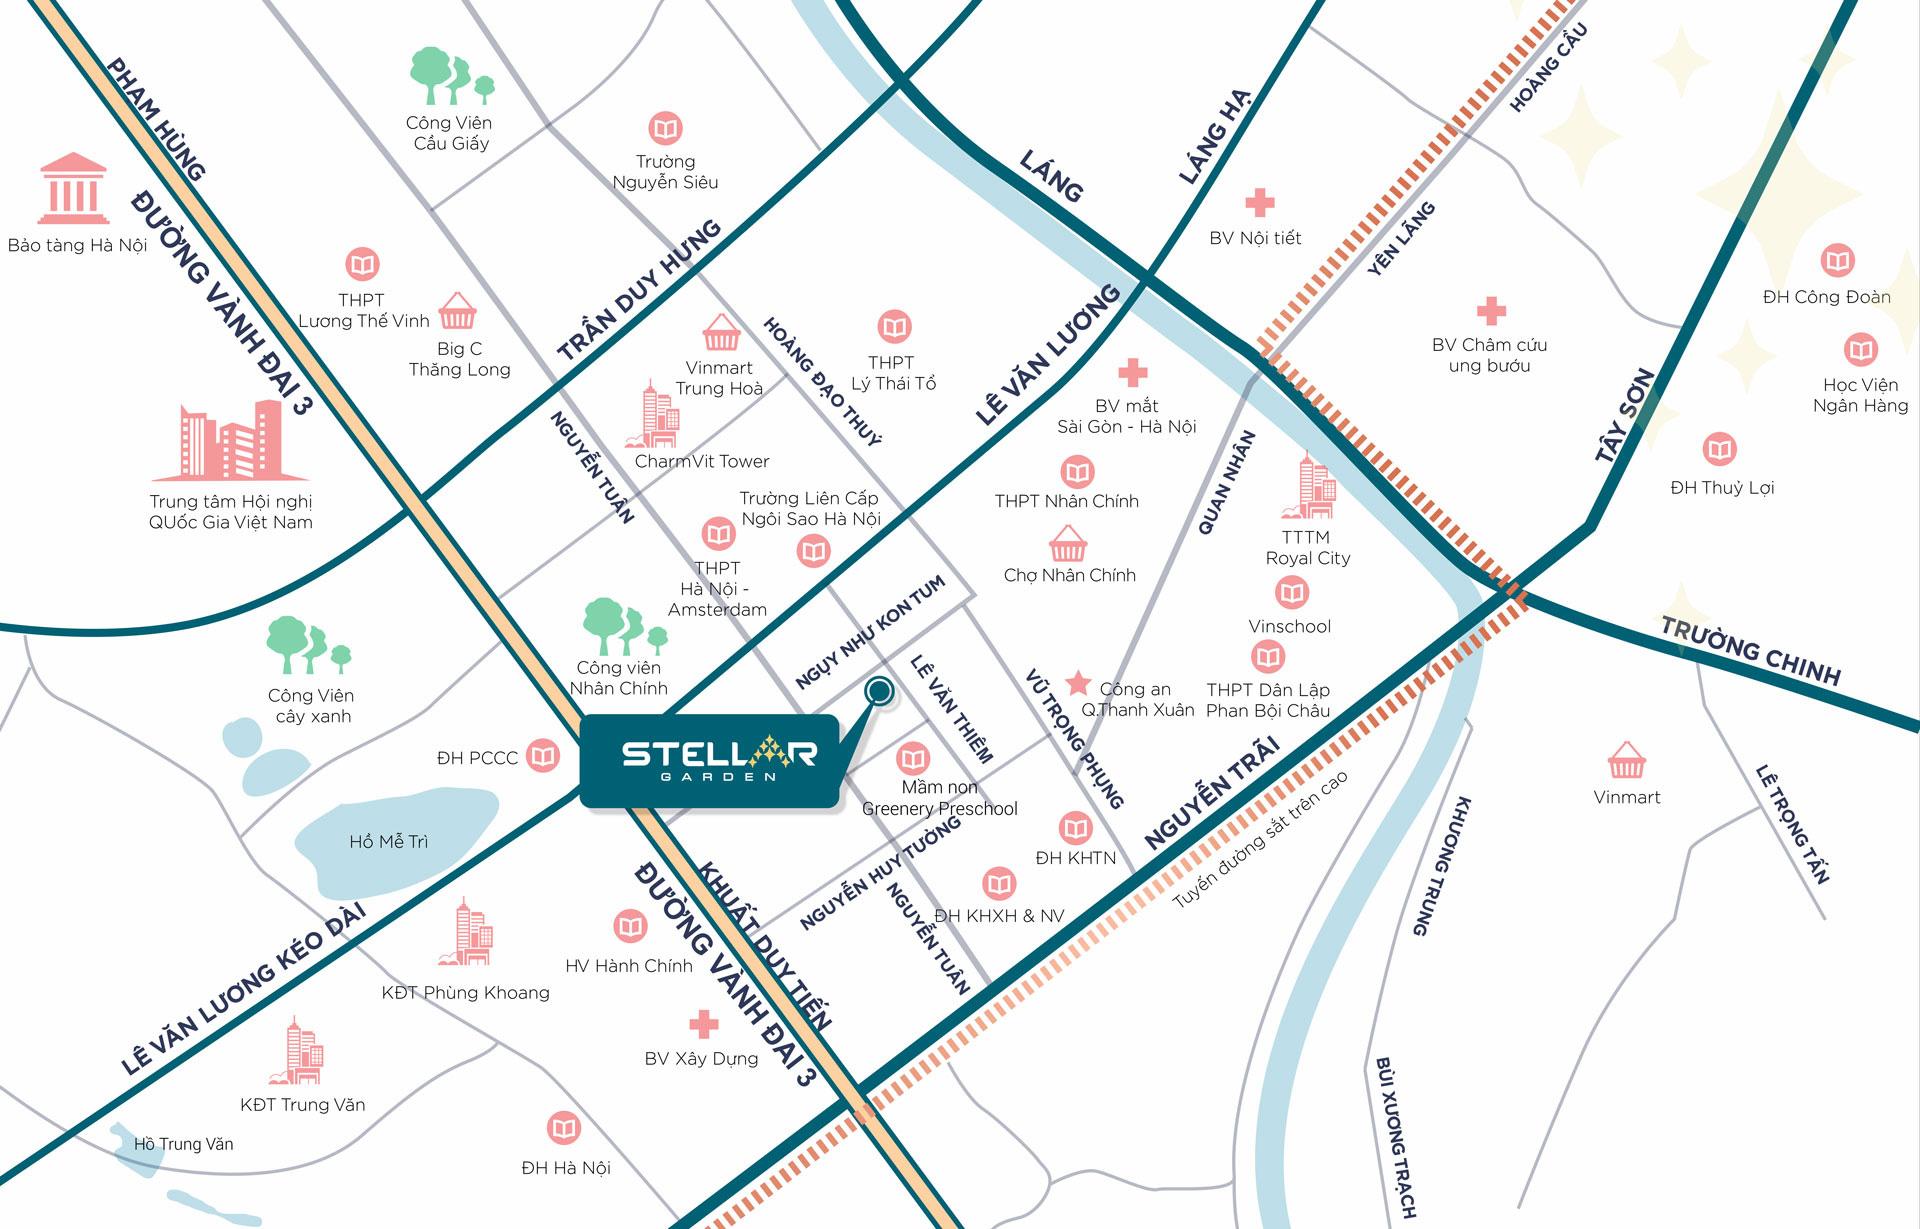 Dự án đang mở bán ở Hà Nội: Stellar Garden gần Lê Văn Lương, giá từ 33 triệu đồng/m2  - Ảnh 3.